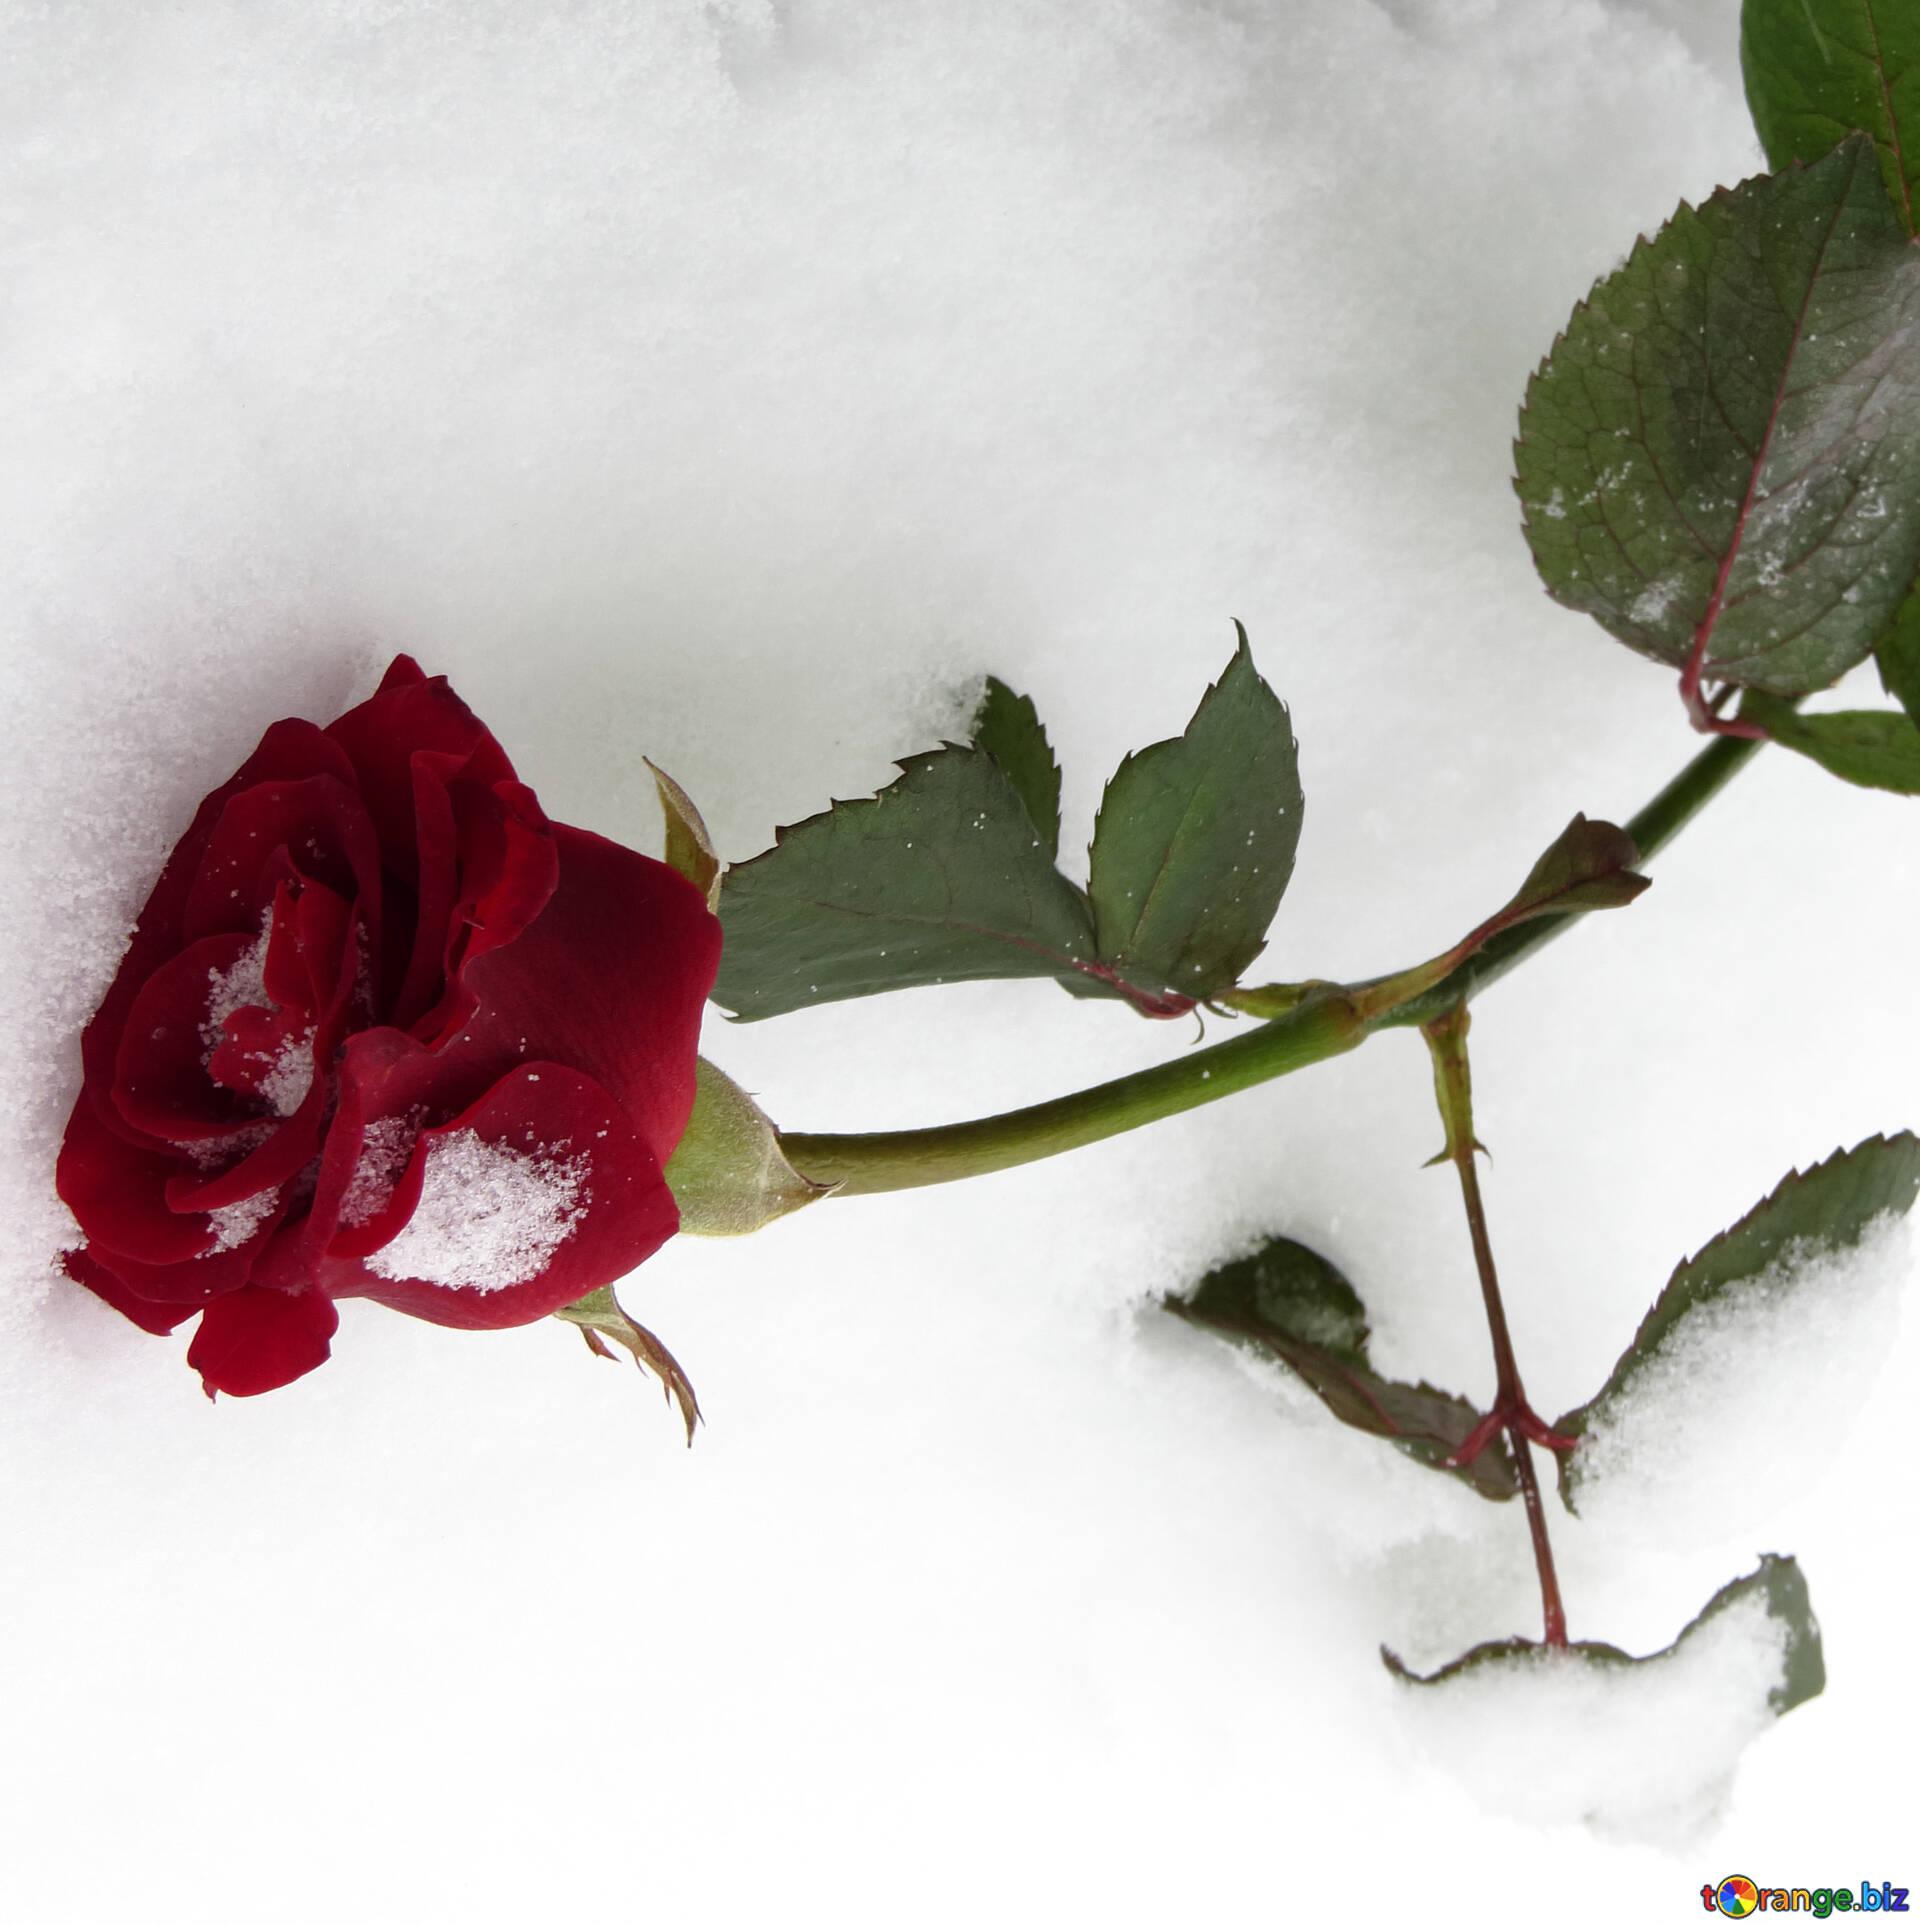 Года ребенка, картинки розы черные на снегу